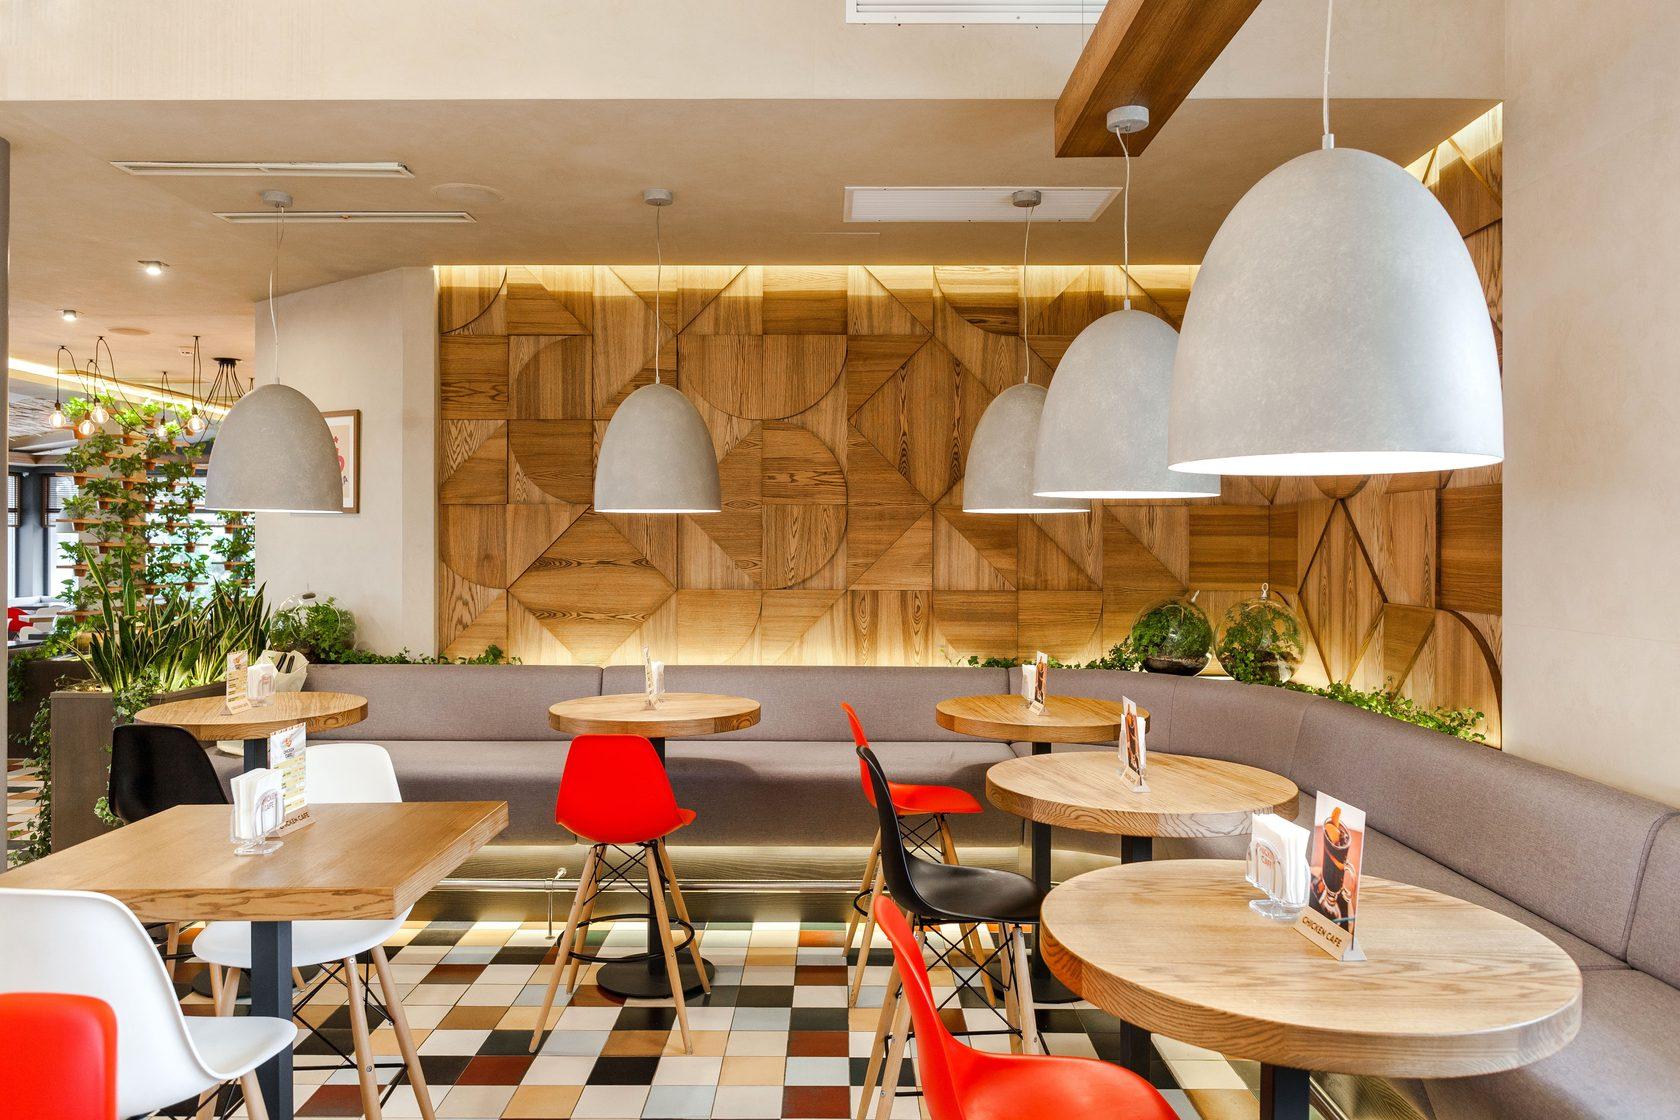 картинки интерьер-дизайна кафе народе чаще всего